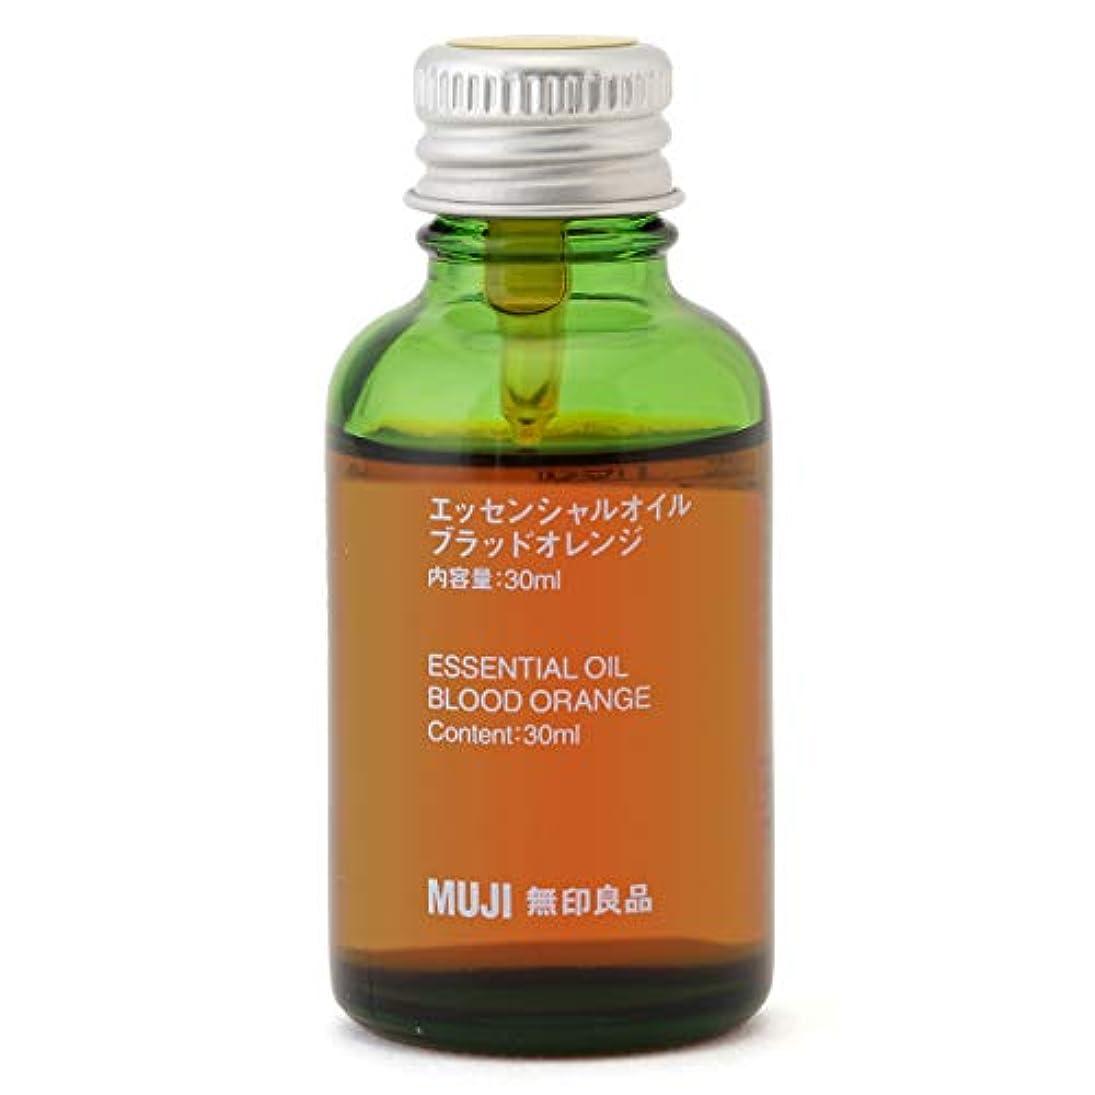 ショート削減研磨【無印良品】エッセンシャルオイル30ml(ブラッドオレンジ)